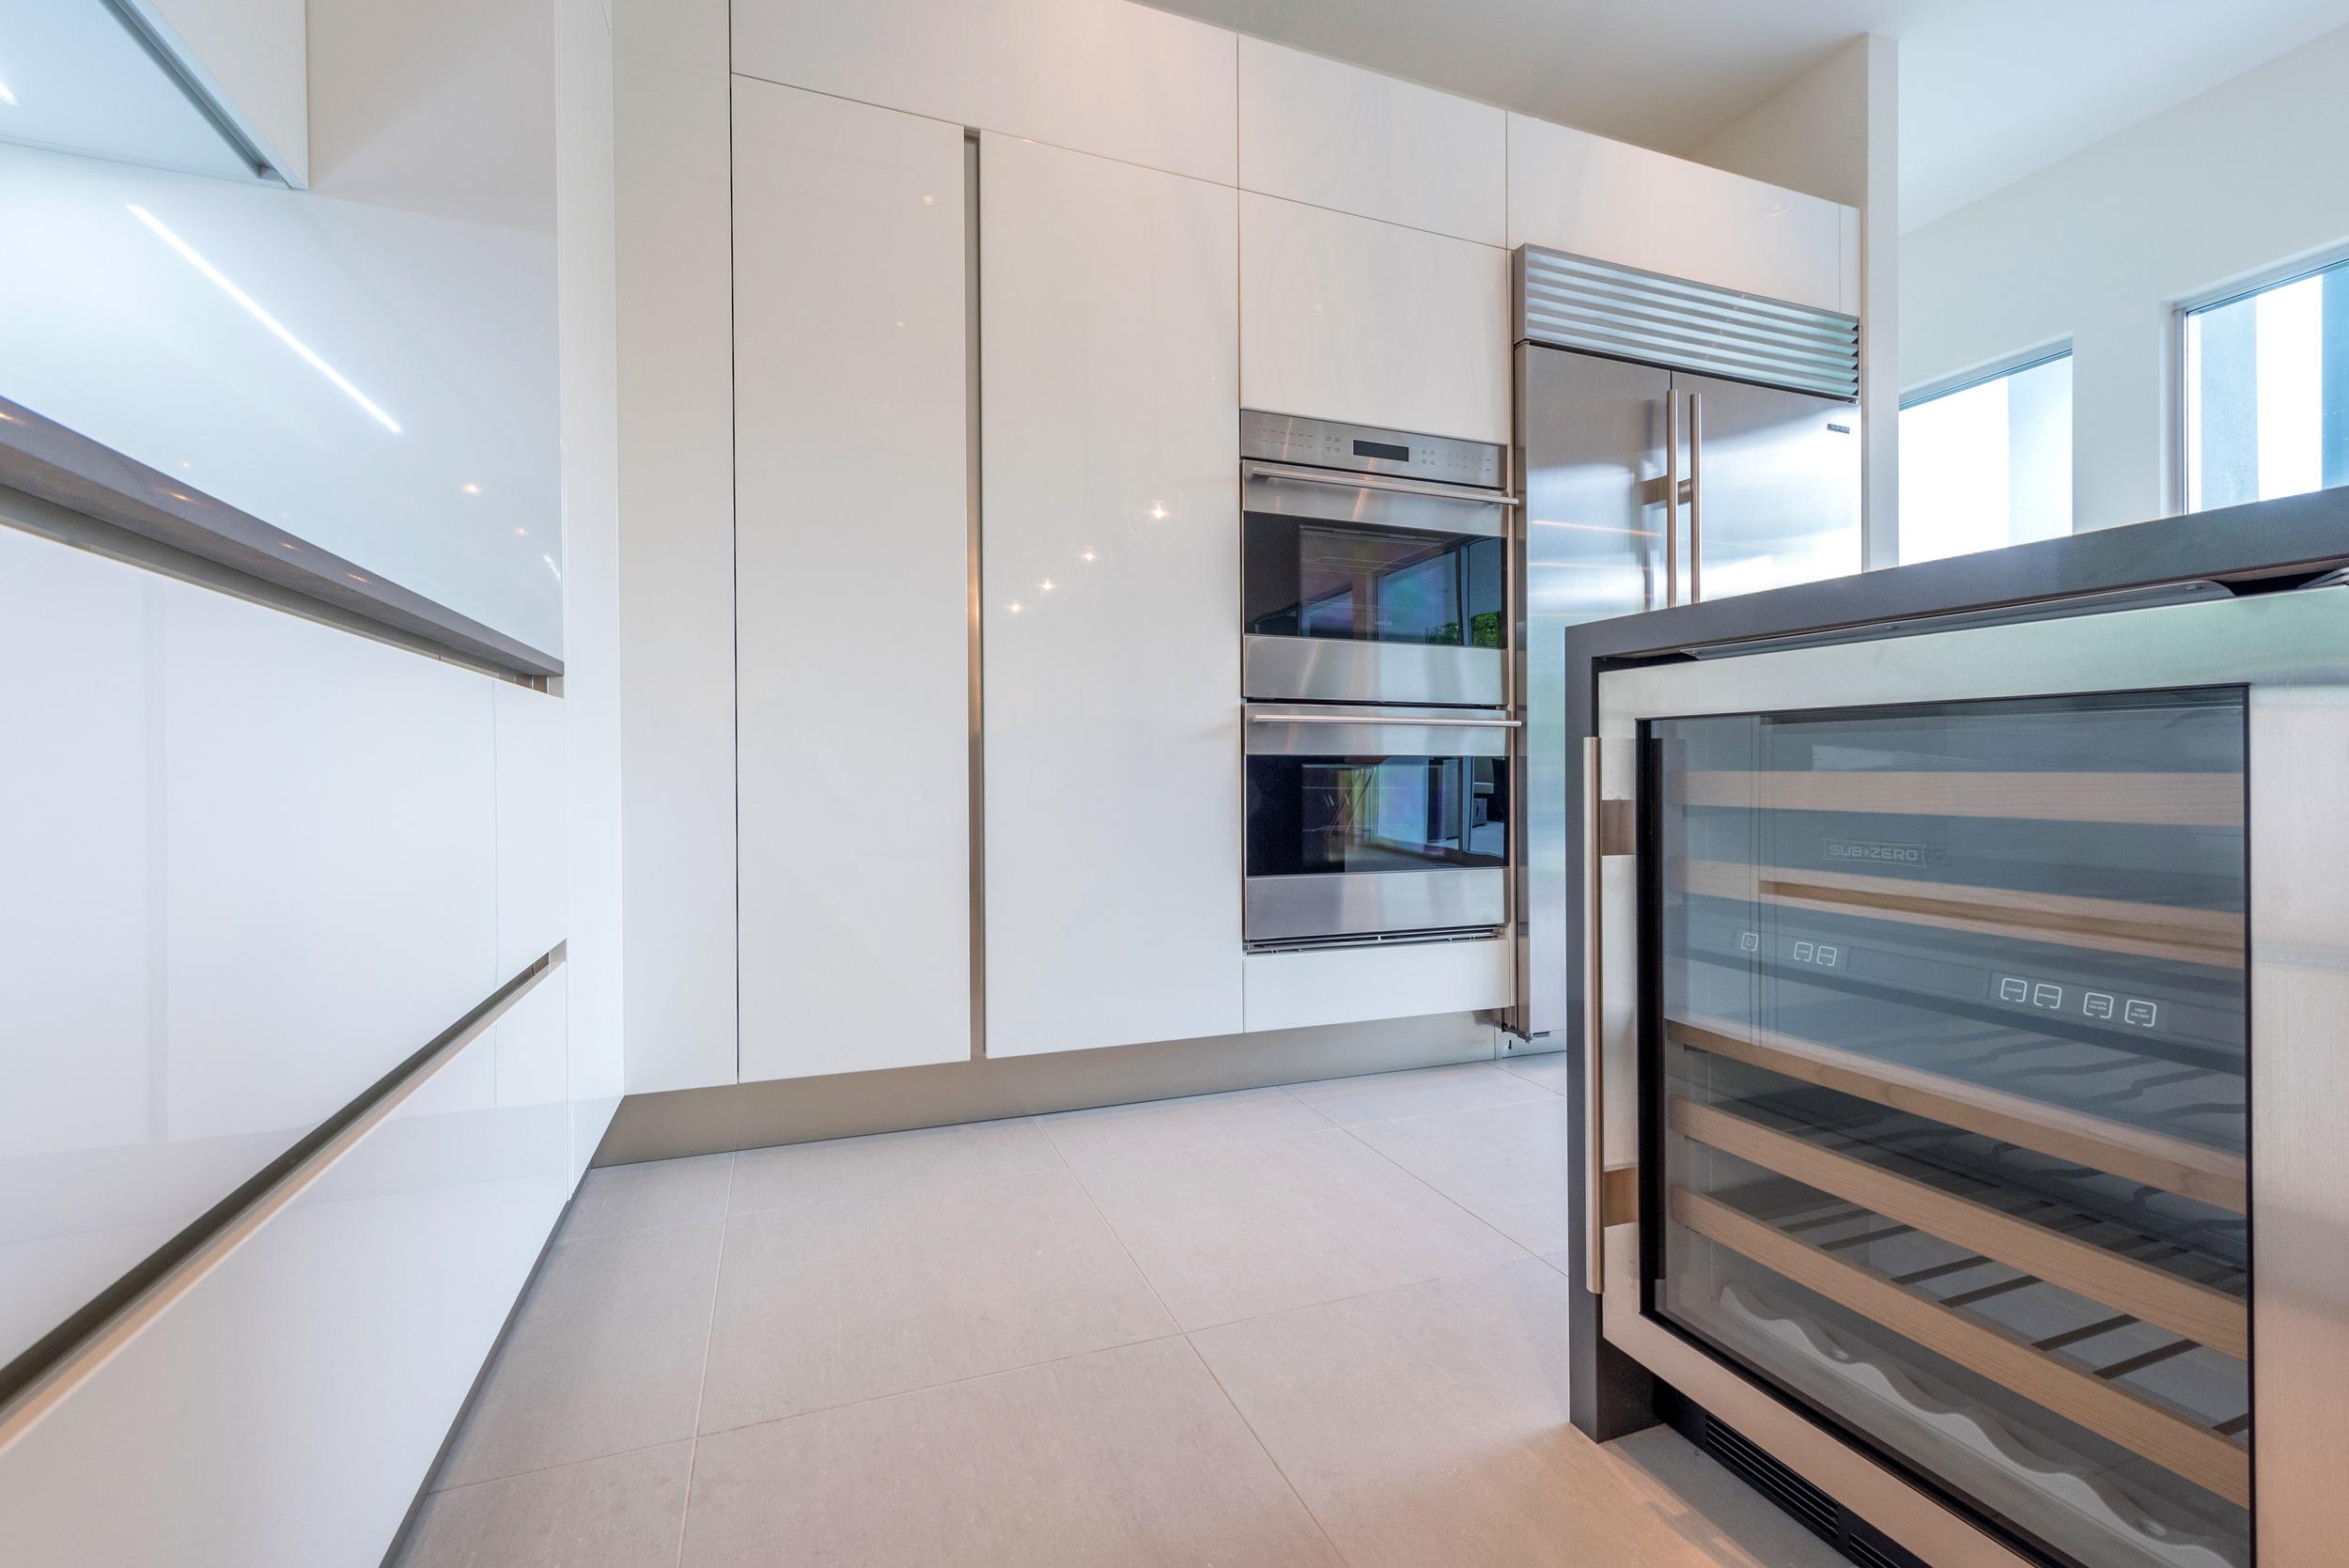 The Setting Homes Plum House Miami Florida Interior Kitchen TARIS Real Estate